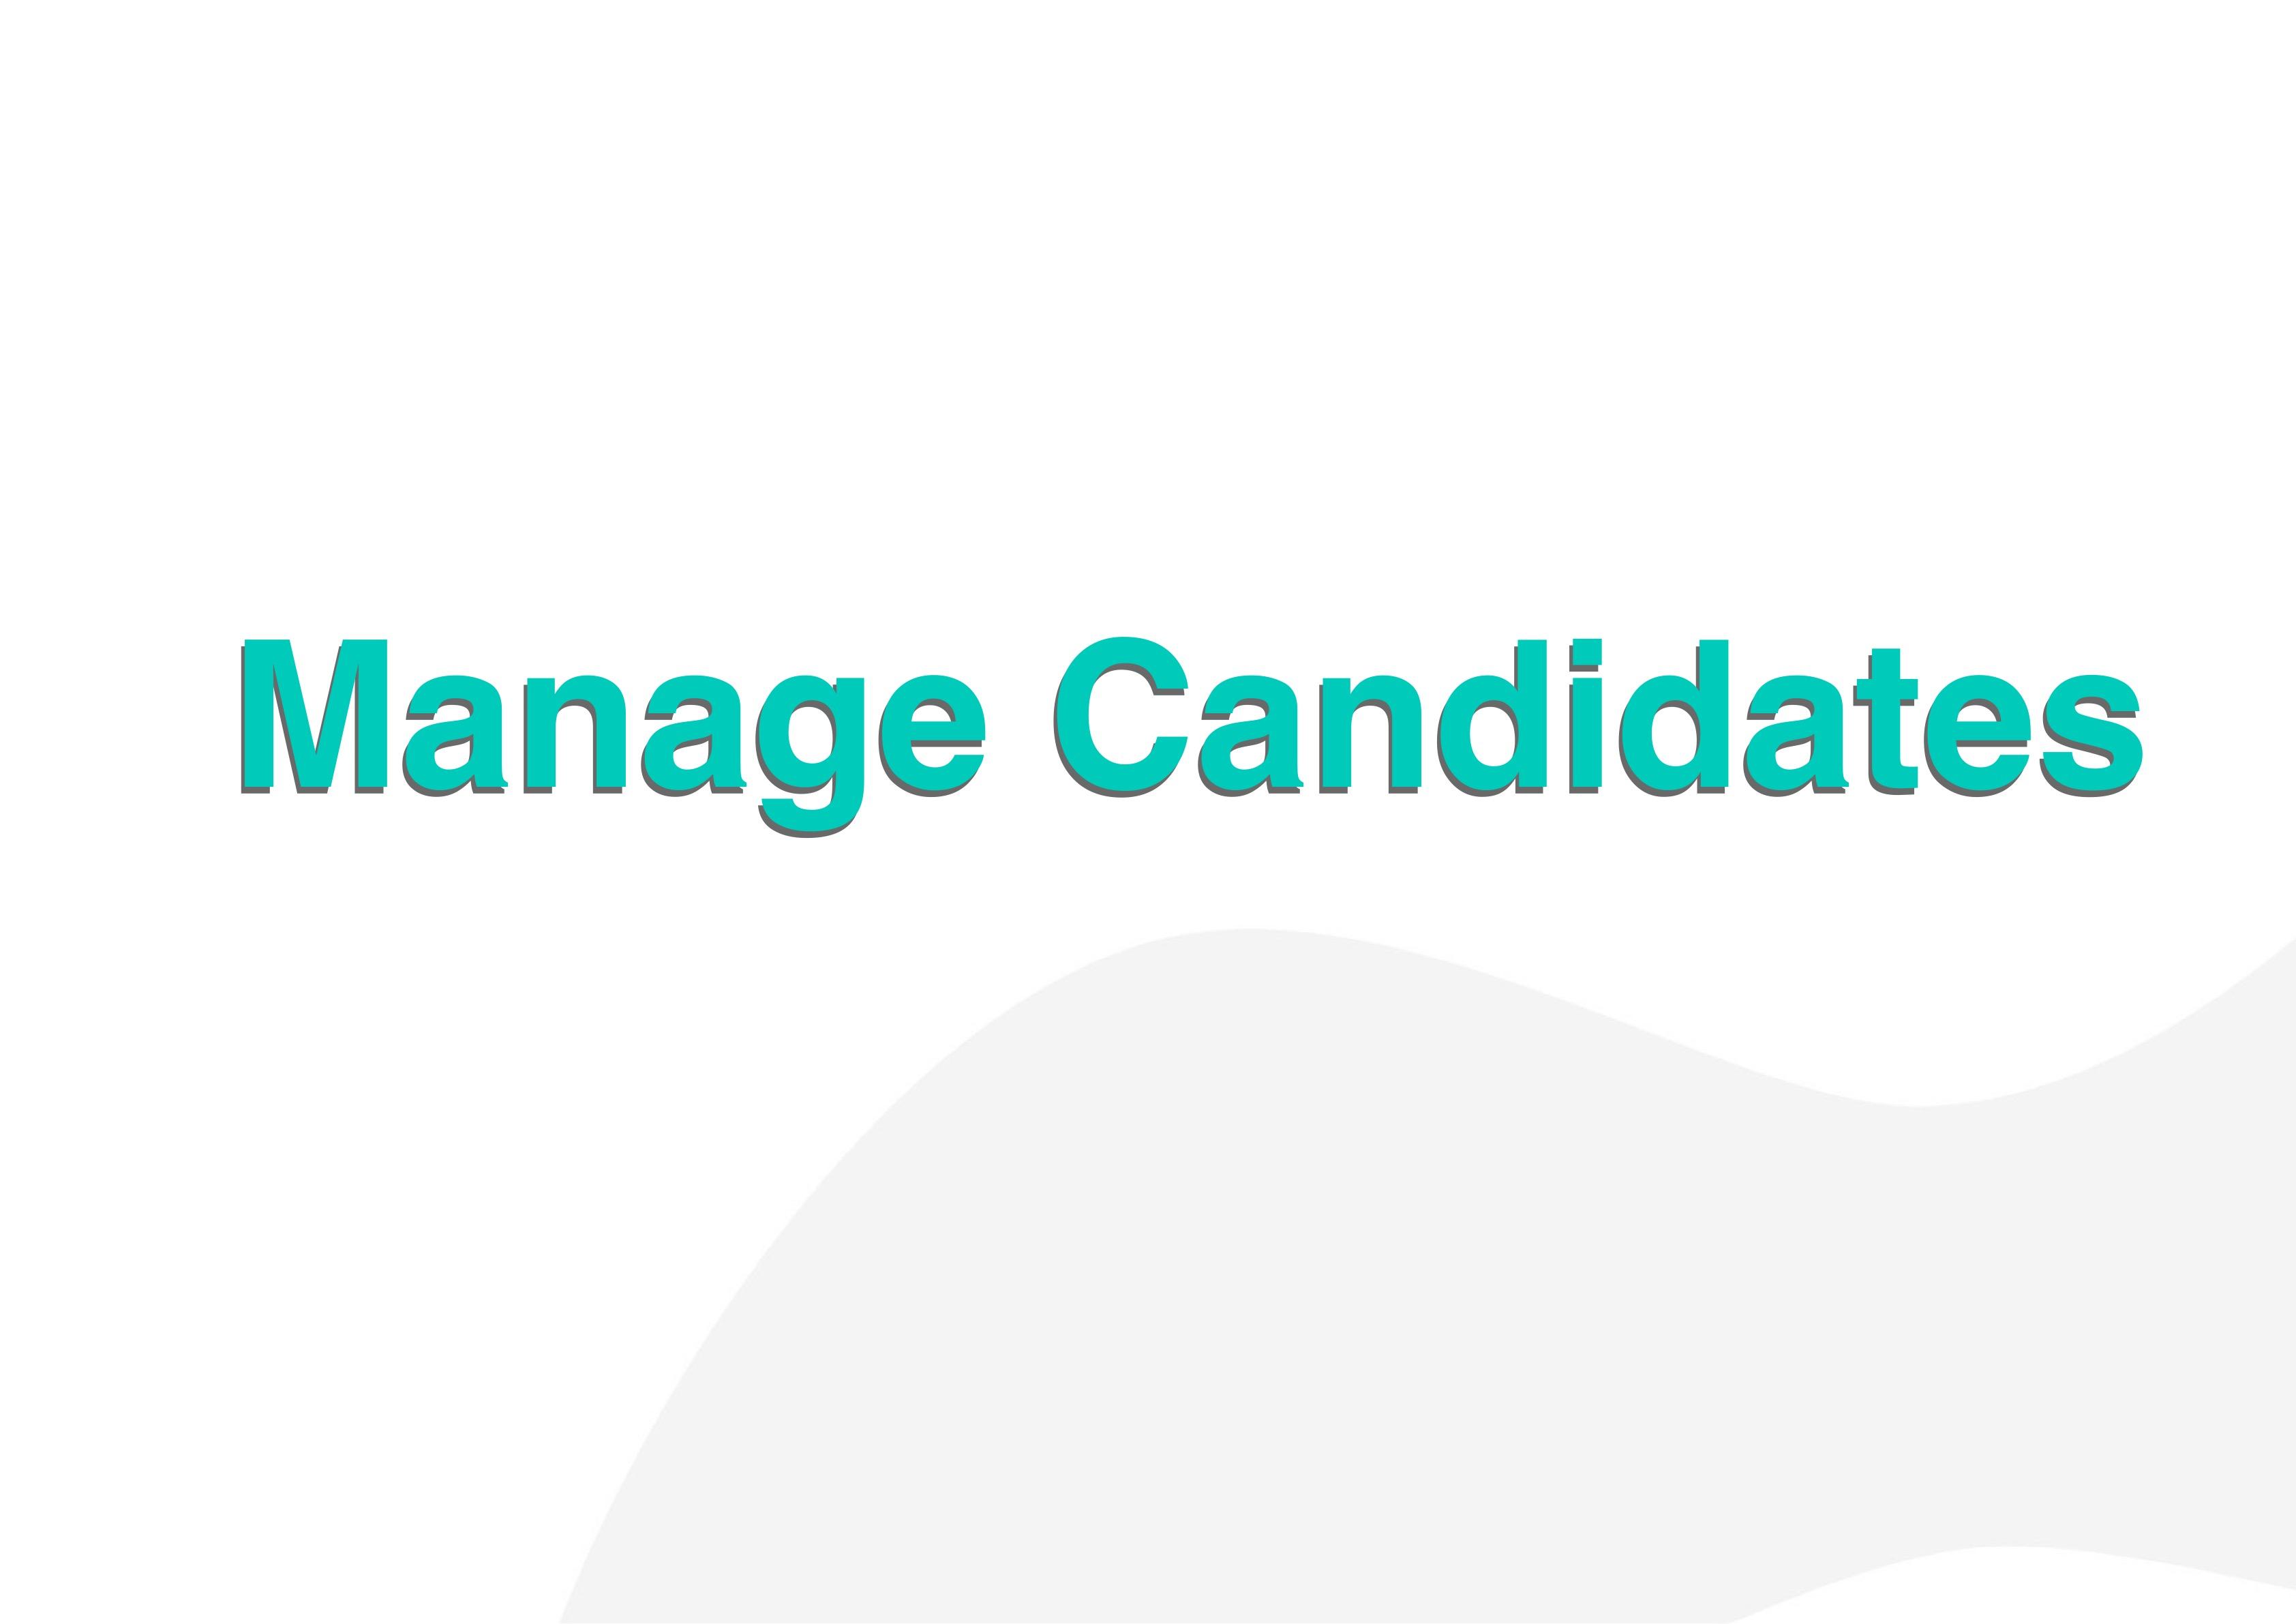 Manage Candidates